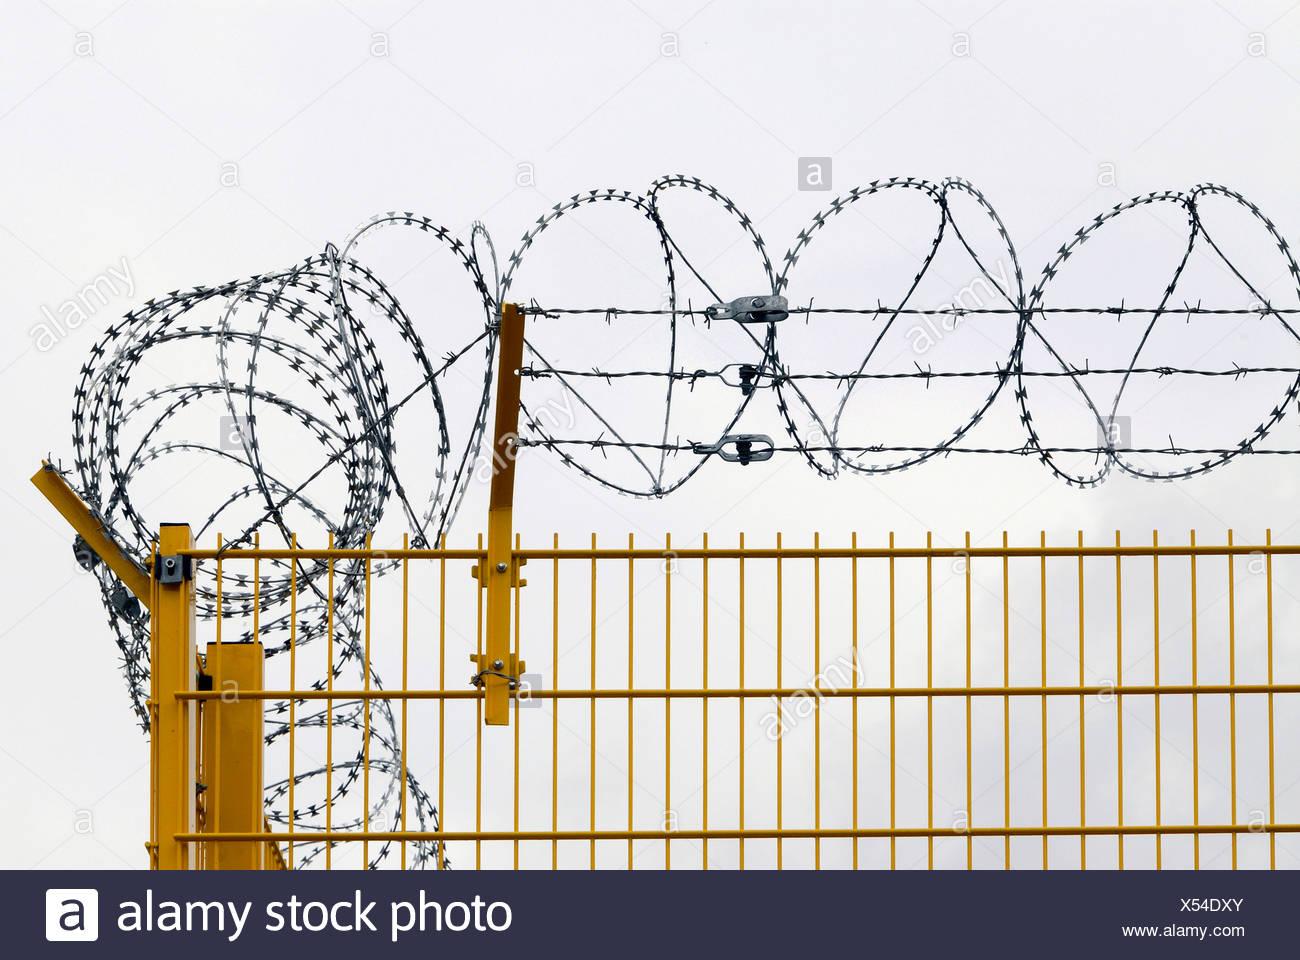 Razor Wires Stock Photos & Razor Wires Stock Images - Alamy